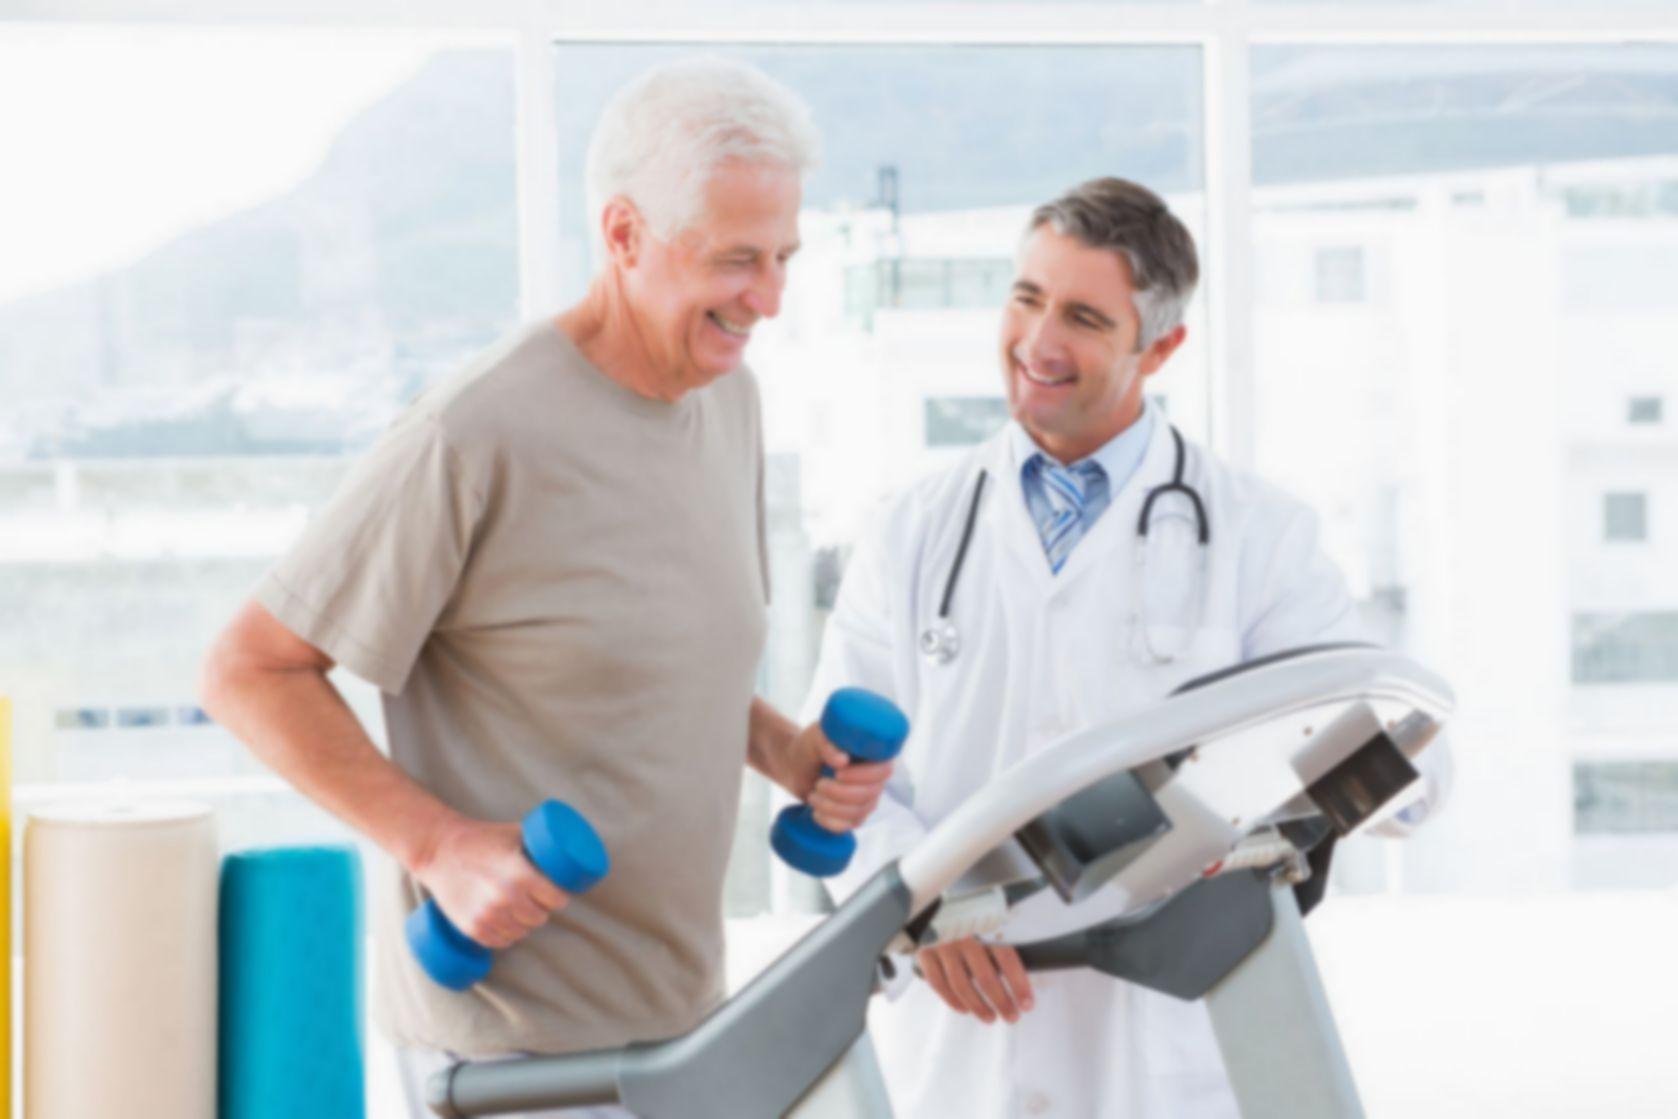 Ejercicio Físico Terapéutico en Rehabilitación Cardiaca - Palma